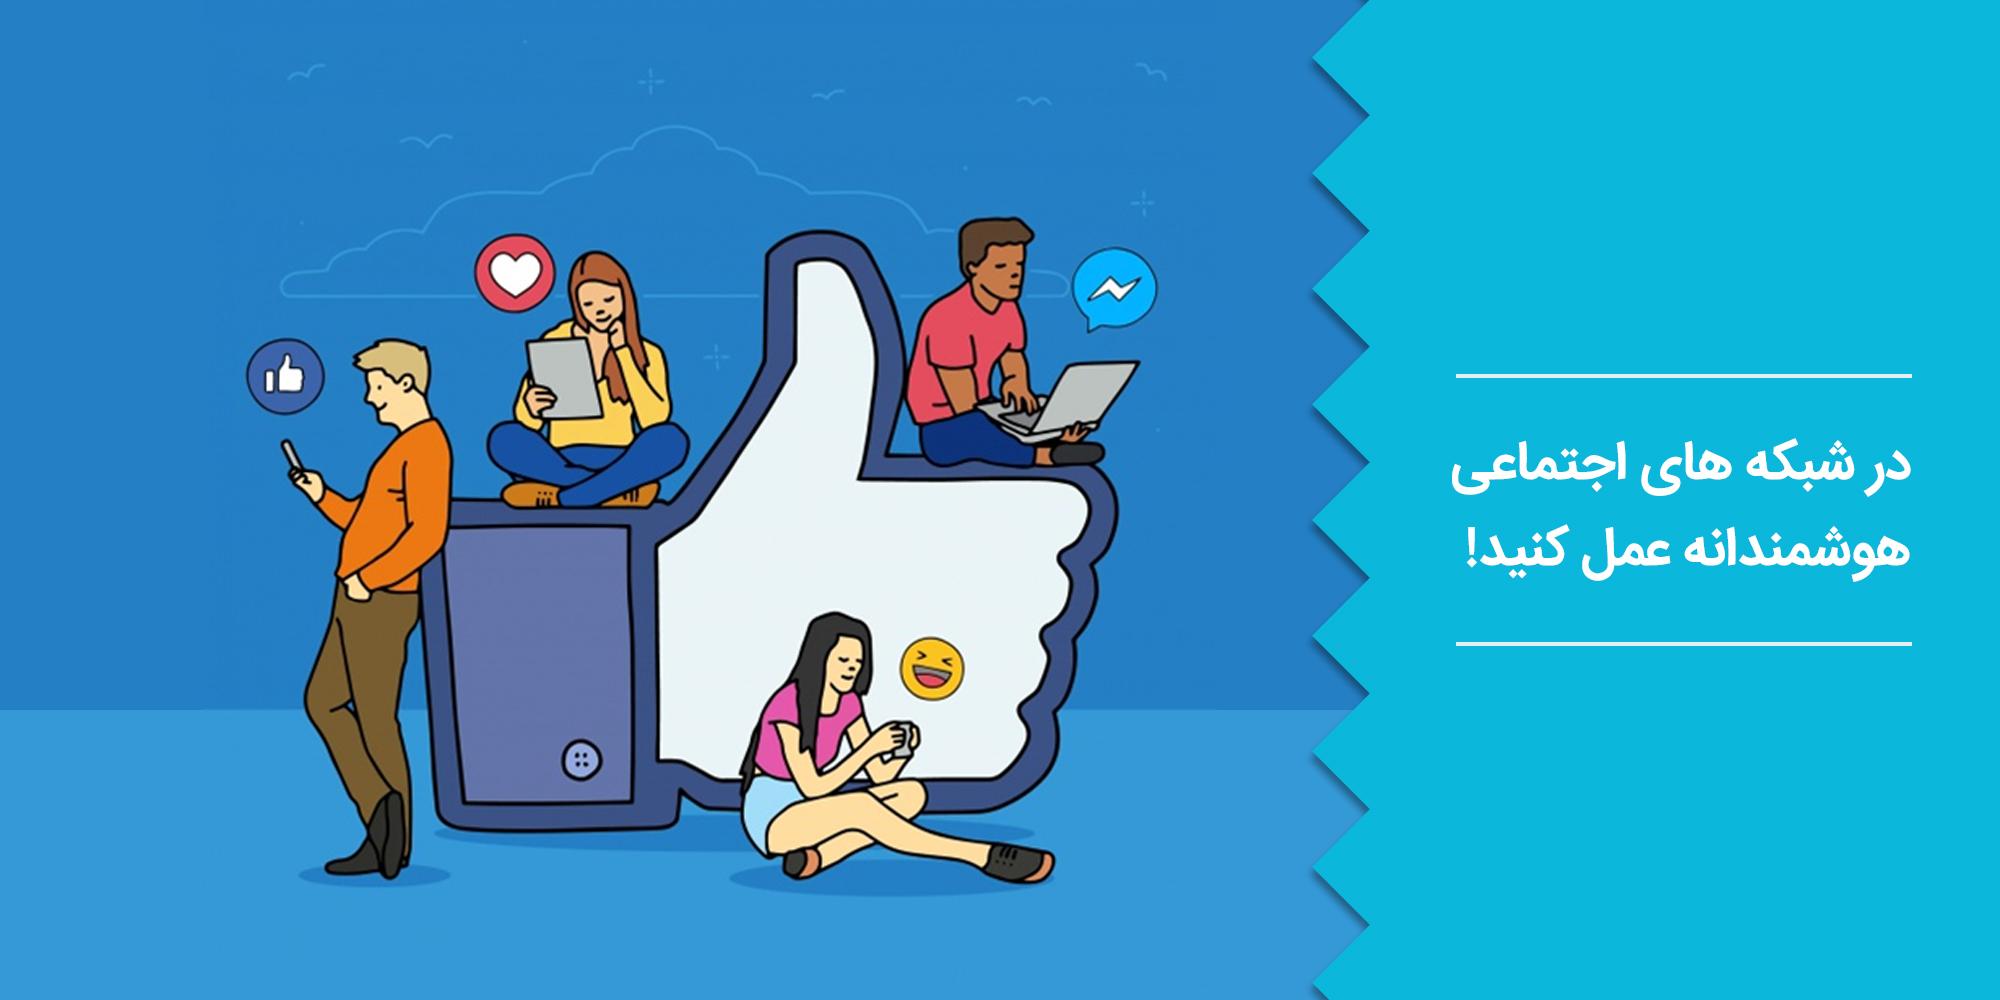 بازاریابی شبکه های اجتماعی در تابستان